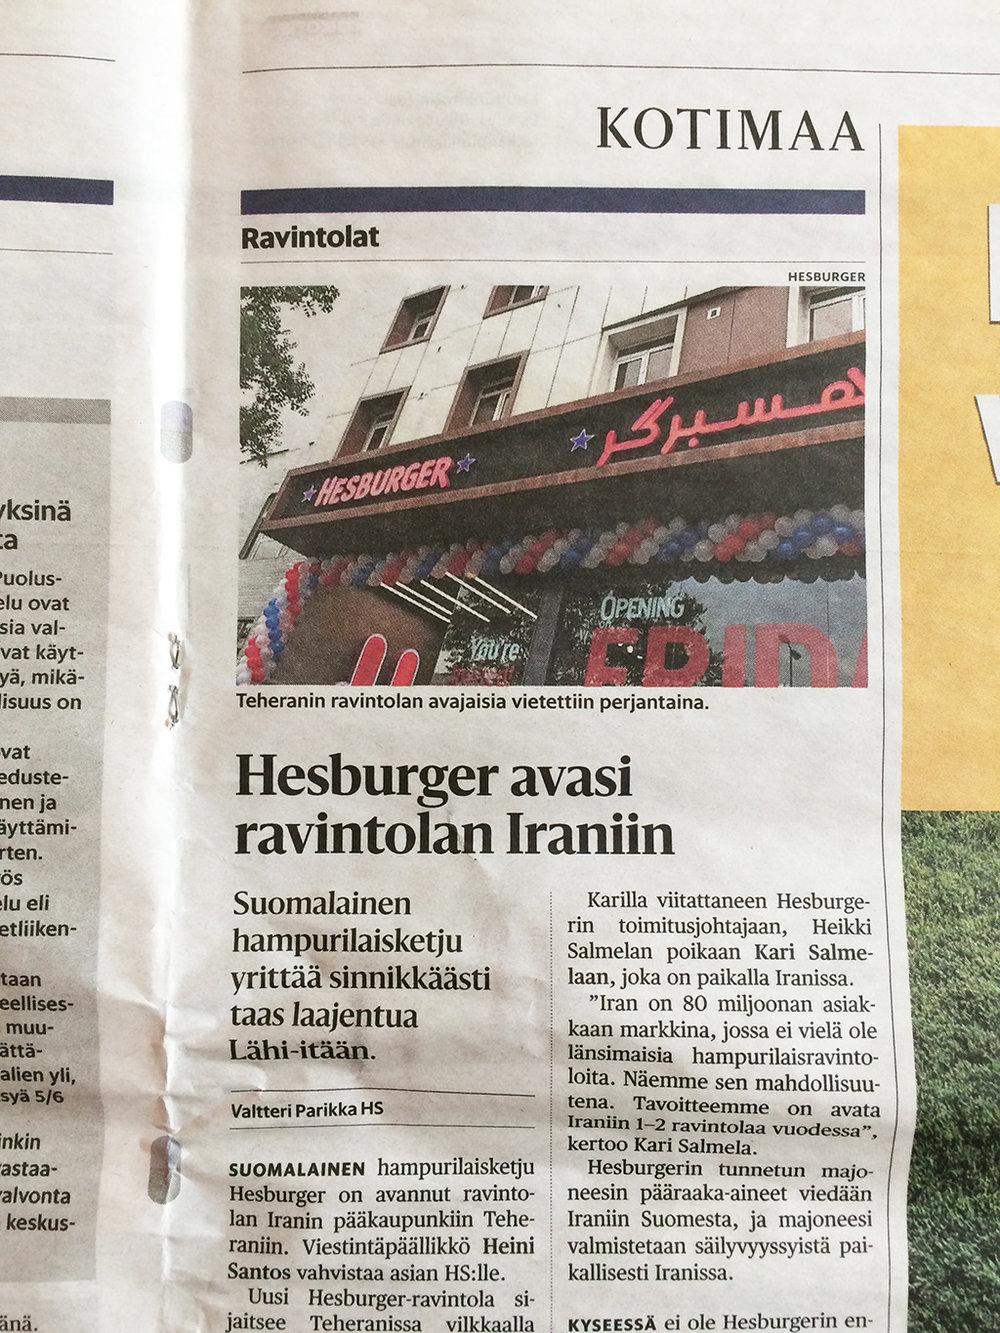 Helsingin Sanomat, Sunday 15.4.2018